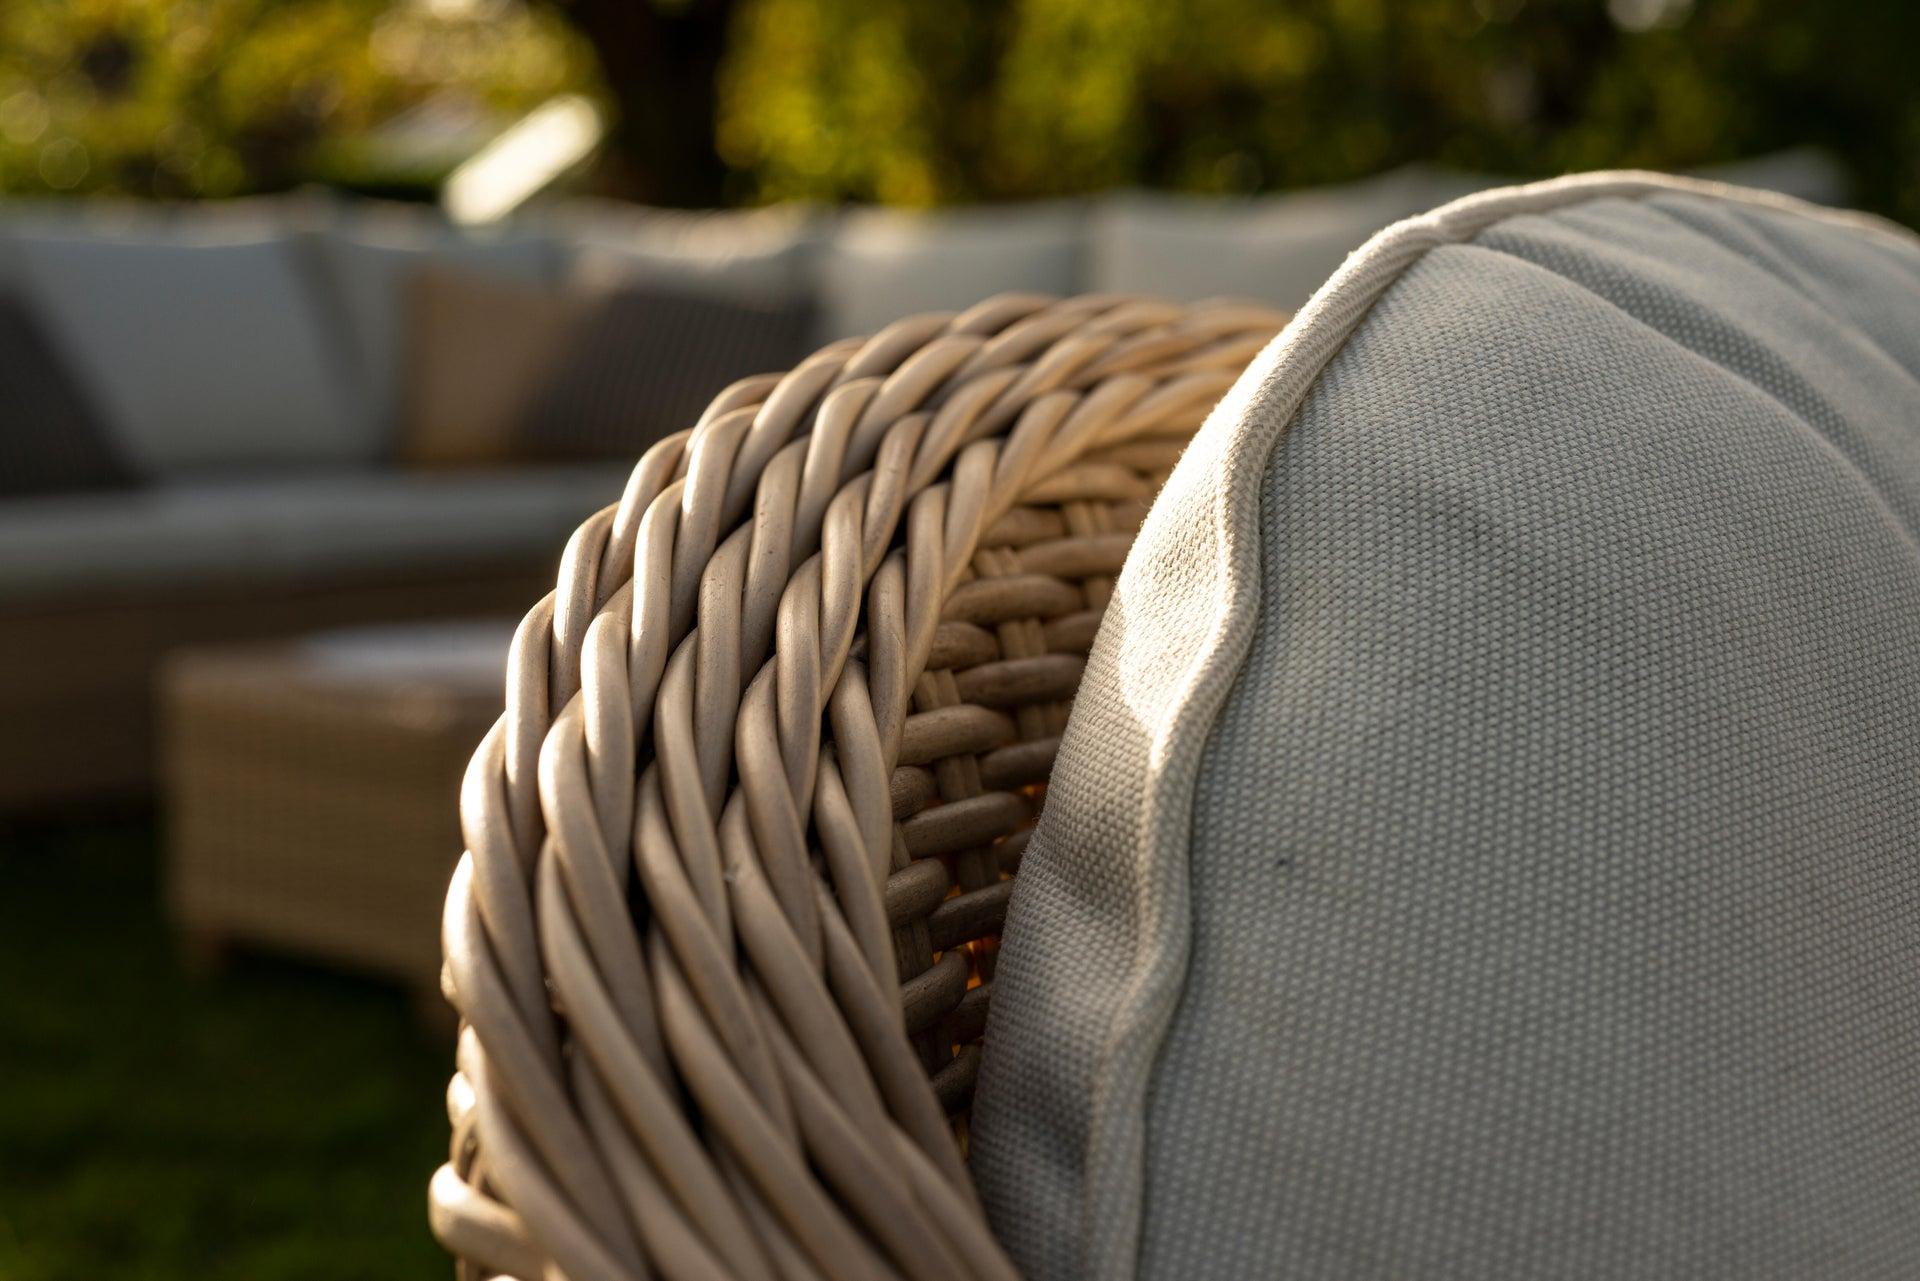 Poltrona da giardino con cuscino in alluminio Medena NATERIAL colore naturale - 4